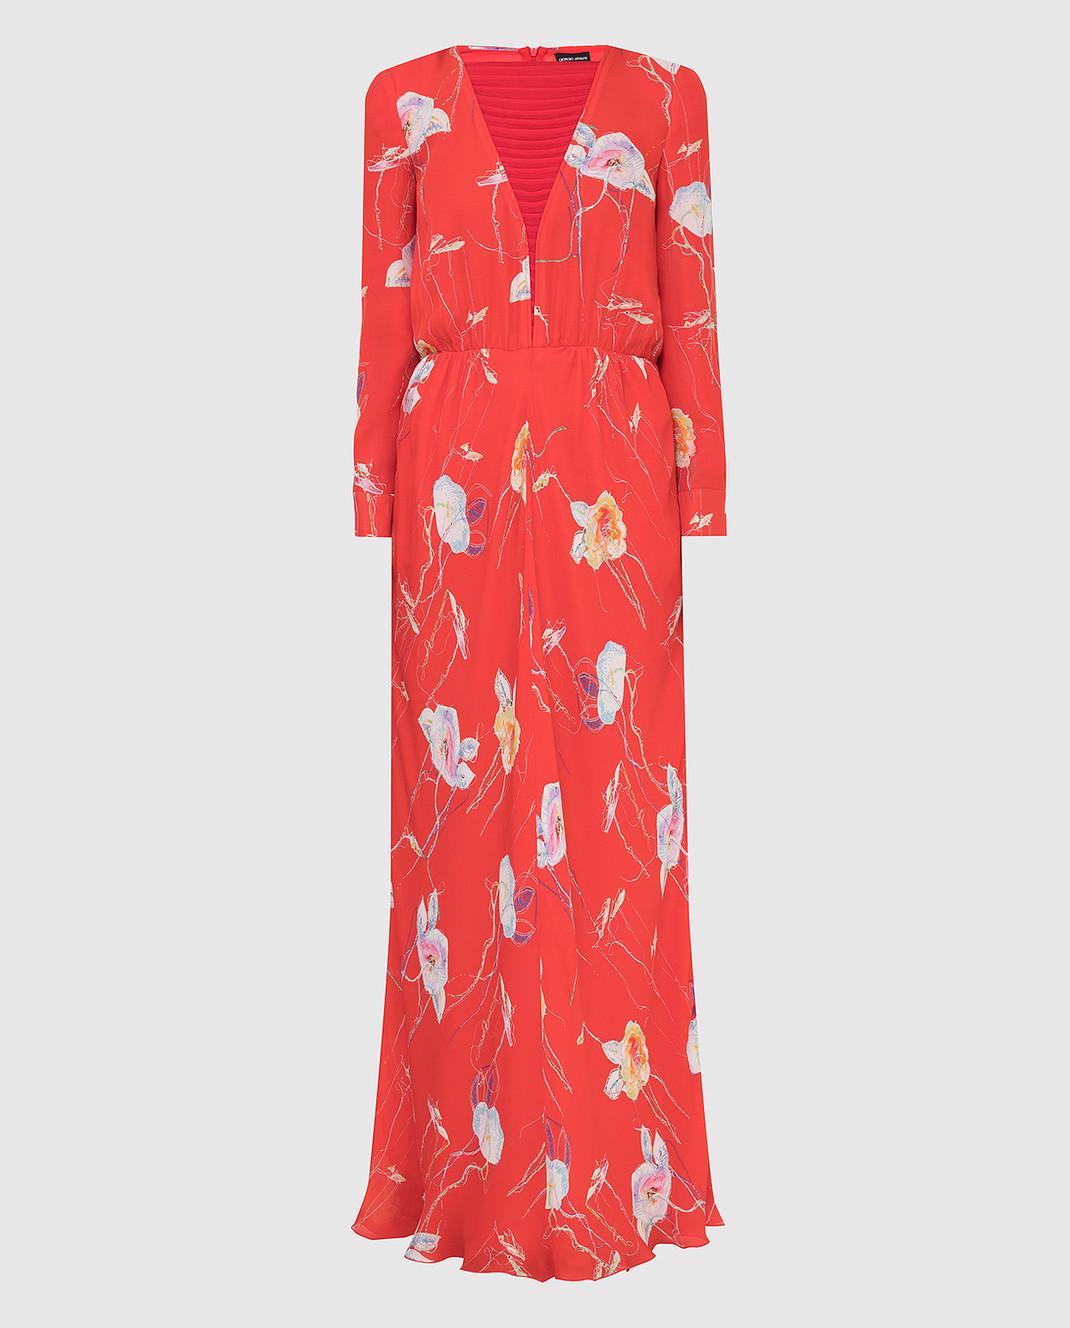 Armani Коралловое платье из шелка изображение 1